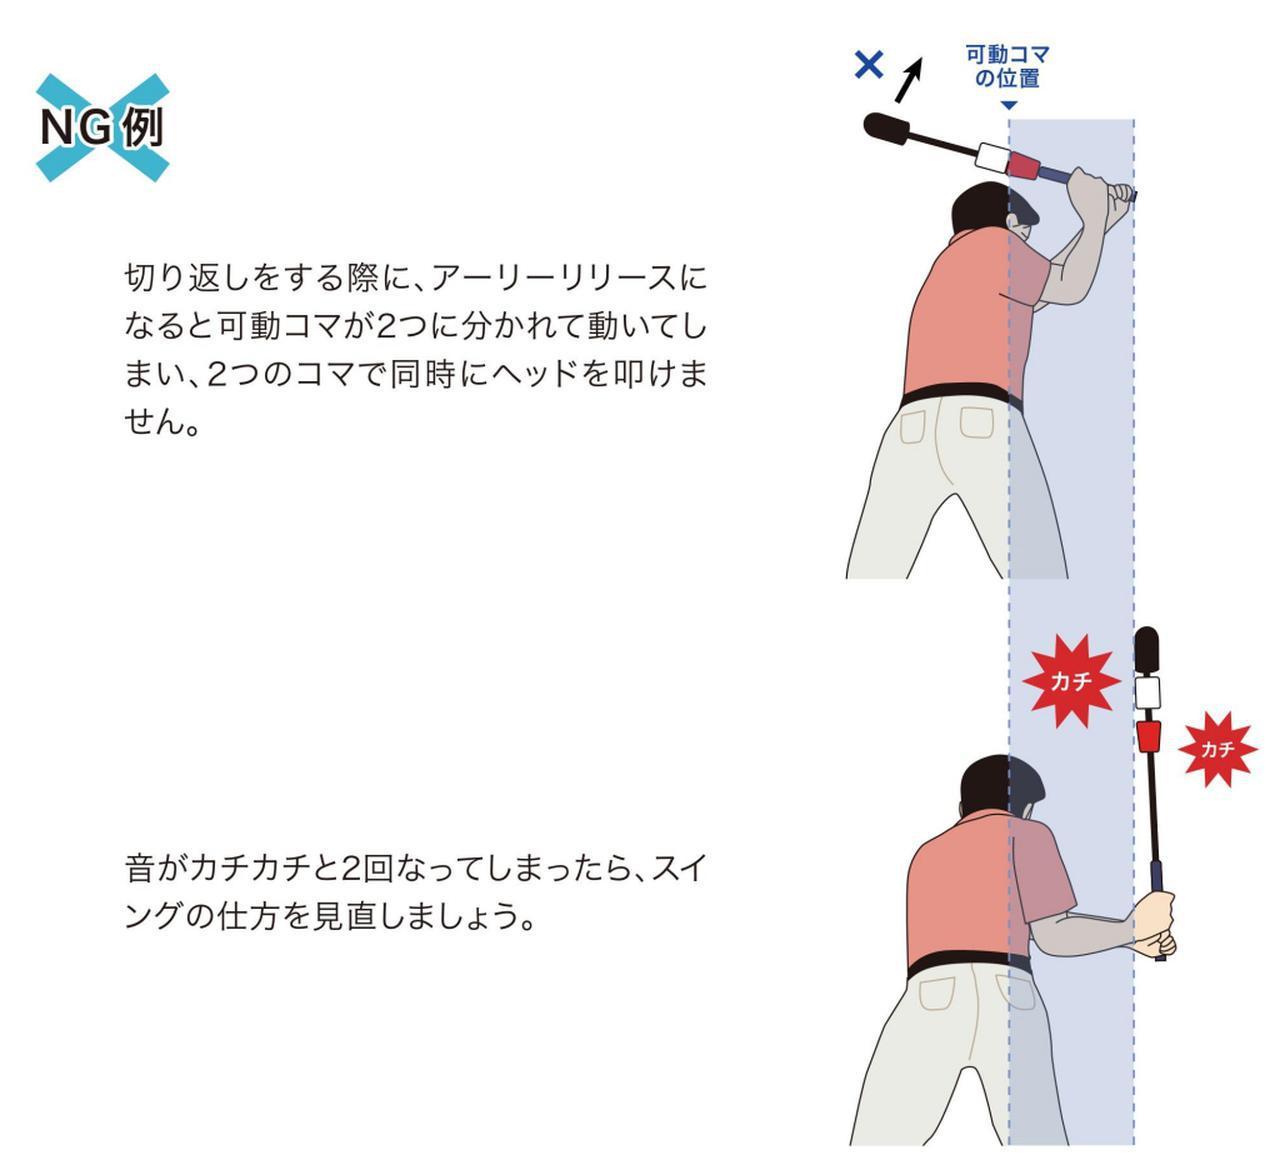 画像2: 使ったプロが大絶賛 固定された先端のコマで、可動コマを叩く!